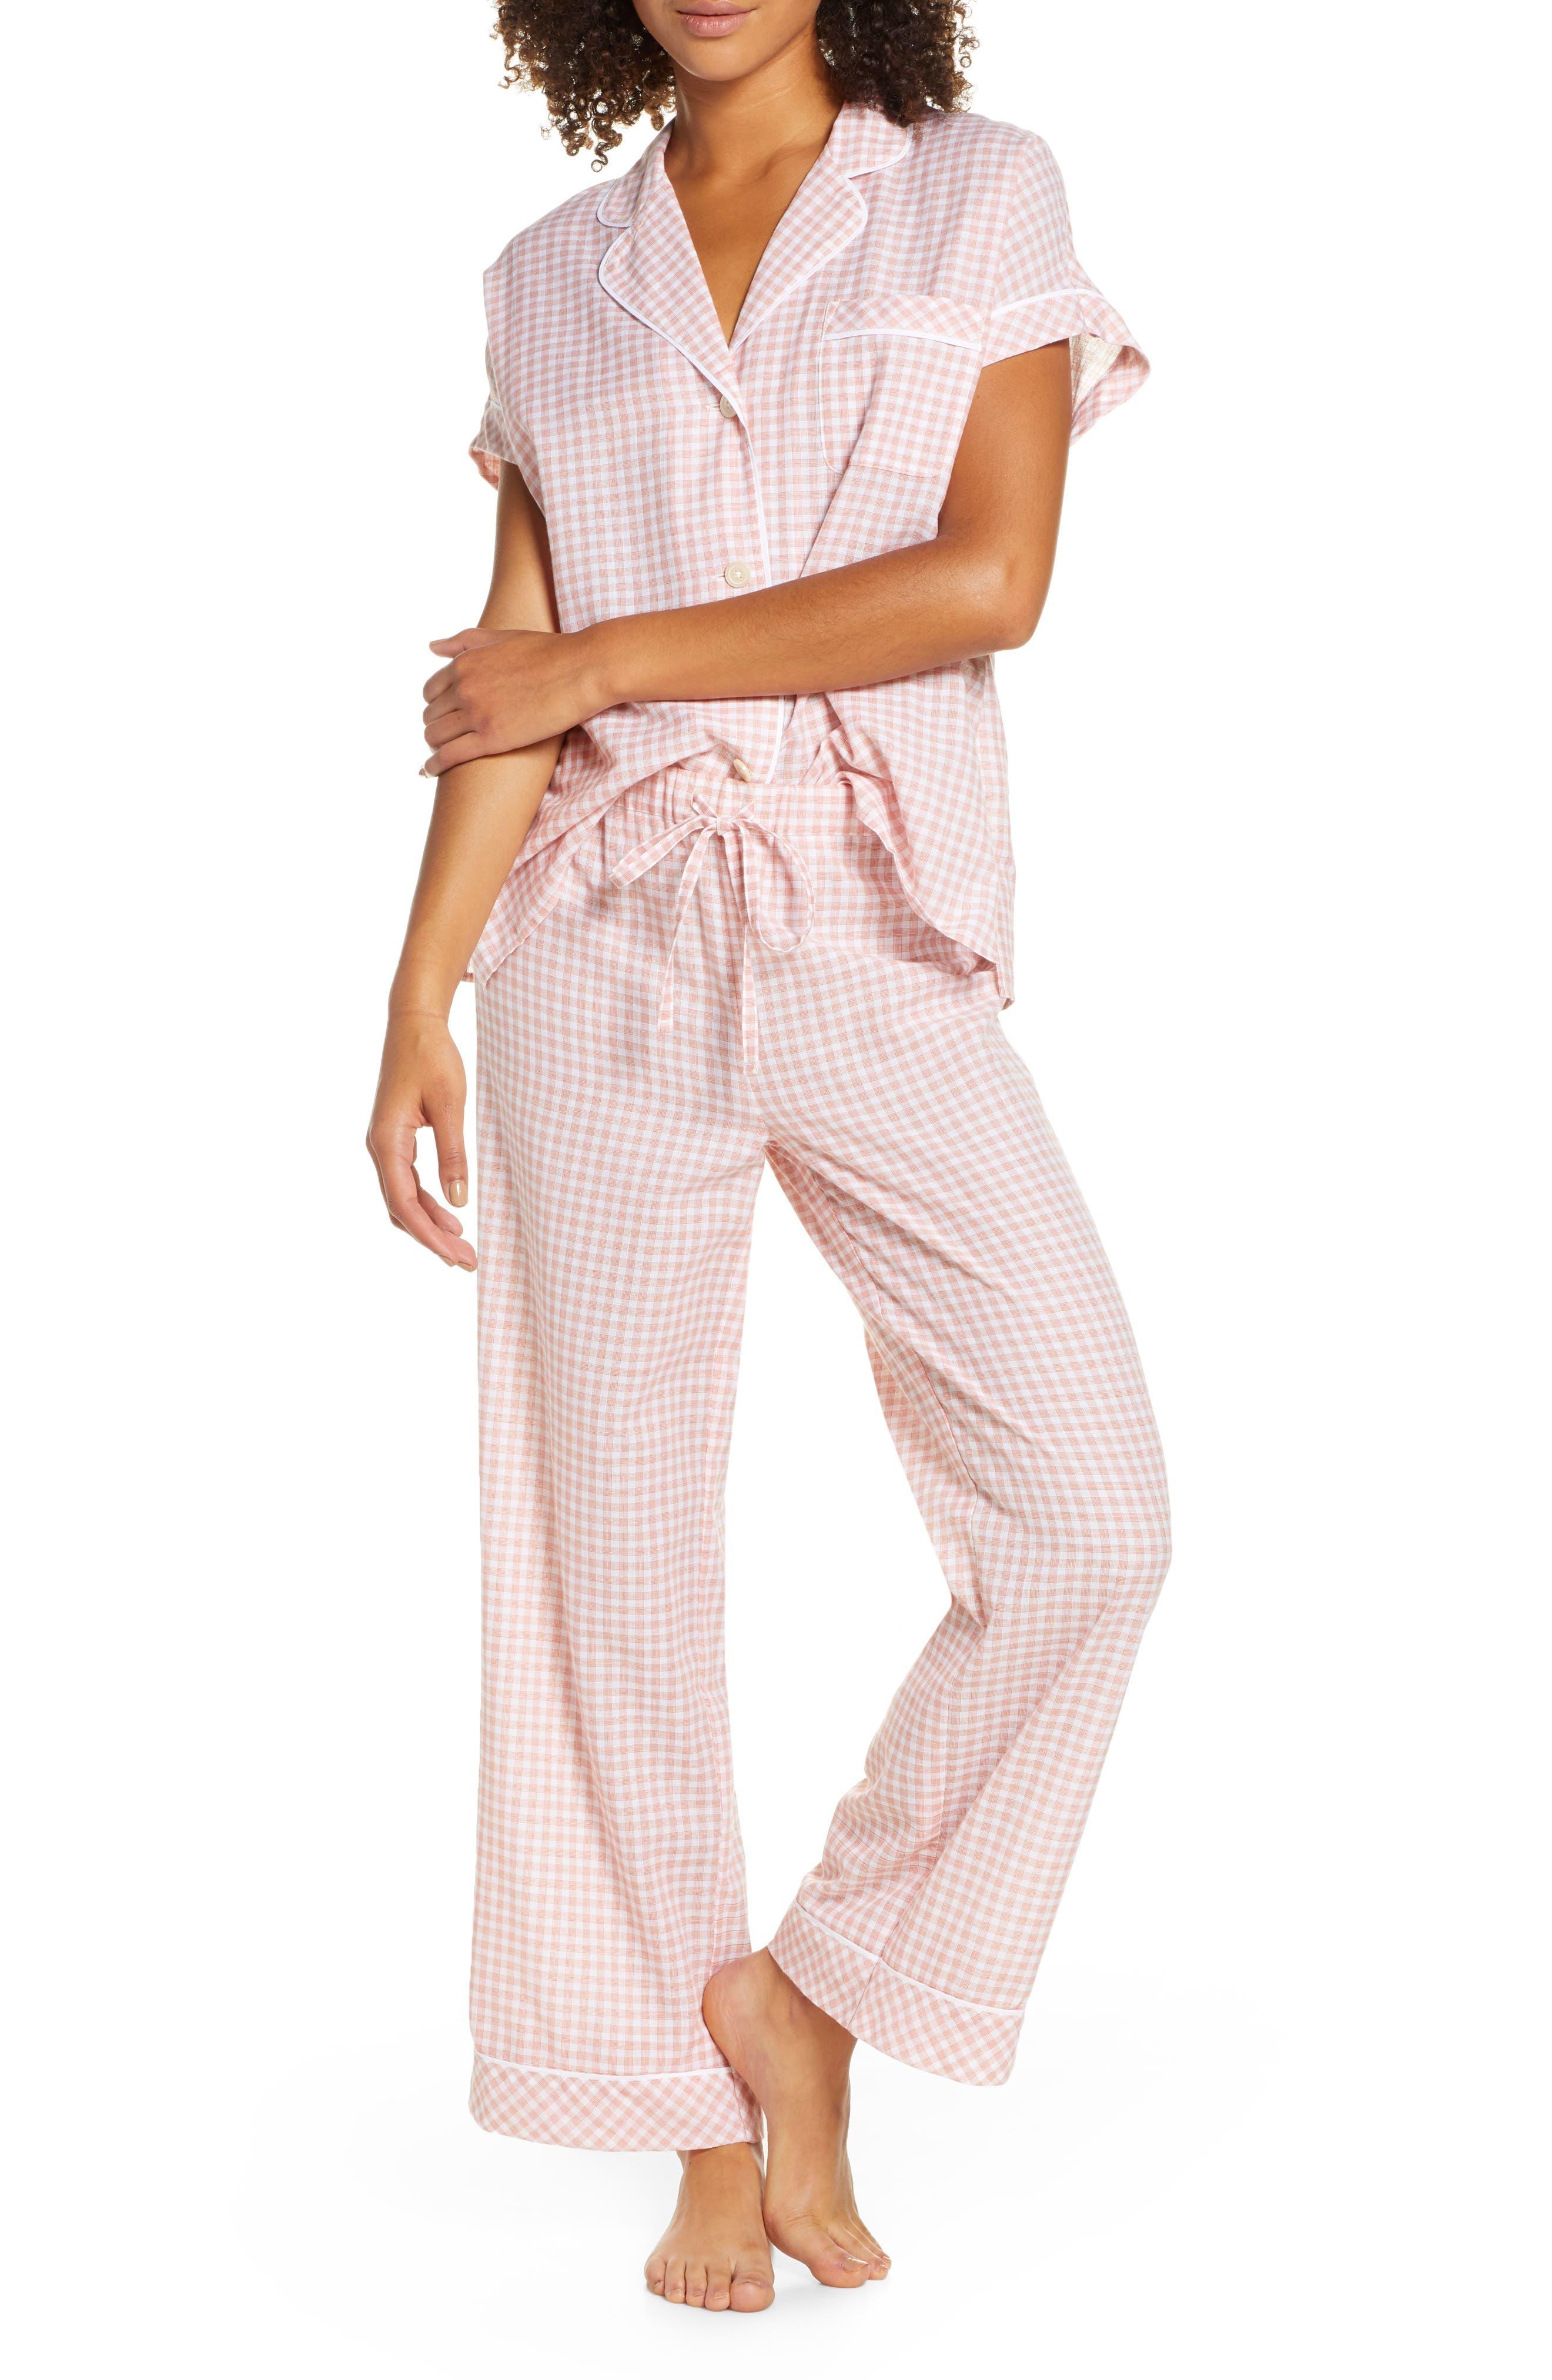 Madewell Gingham Check Bedtime Pajamas